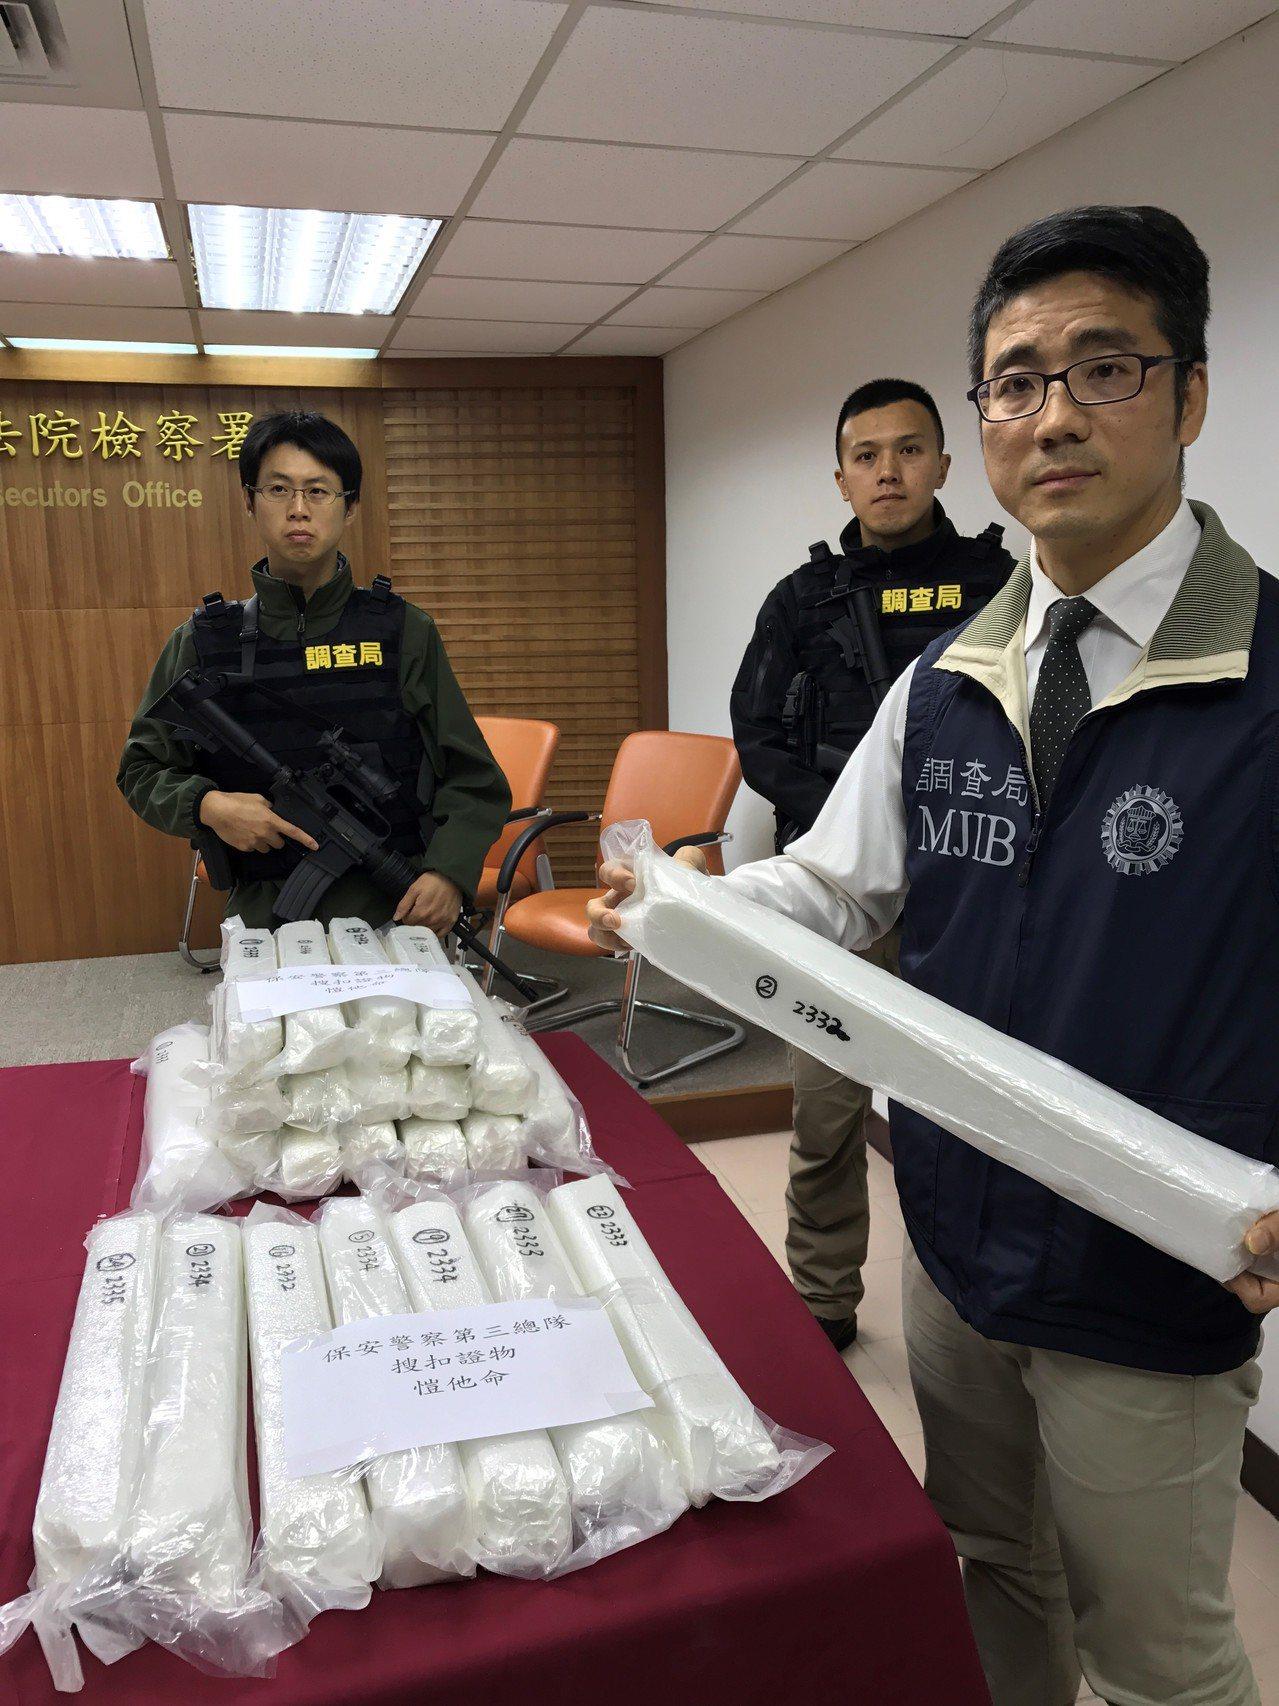 基隆地檢署上午召開破案記者會,邊境緝毒查到K他命195.842公斤,毒品就藏在木...